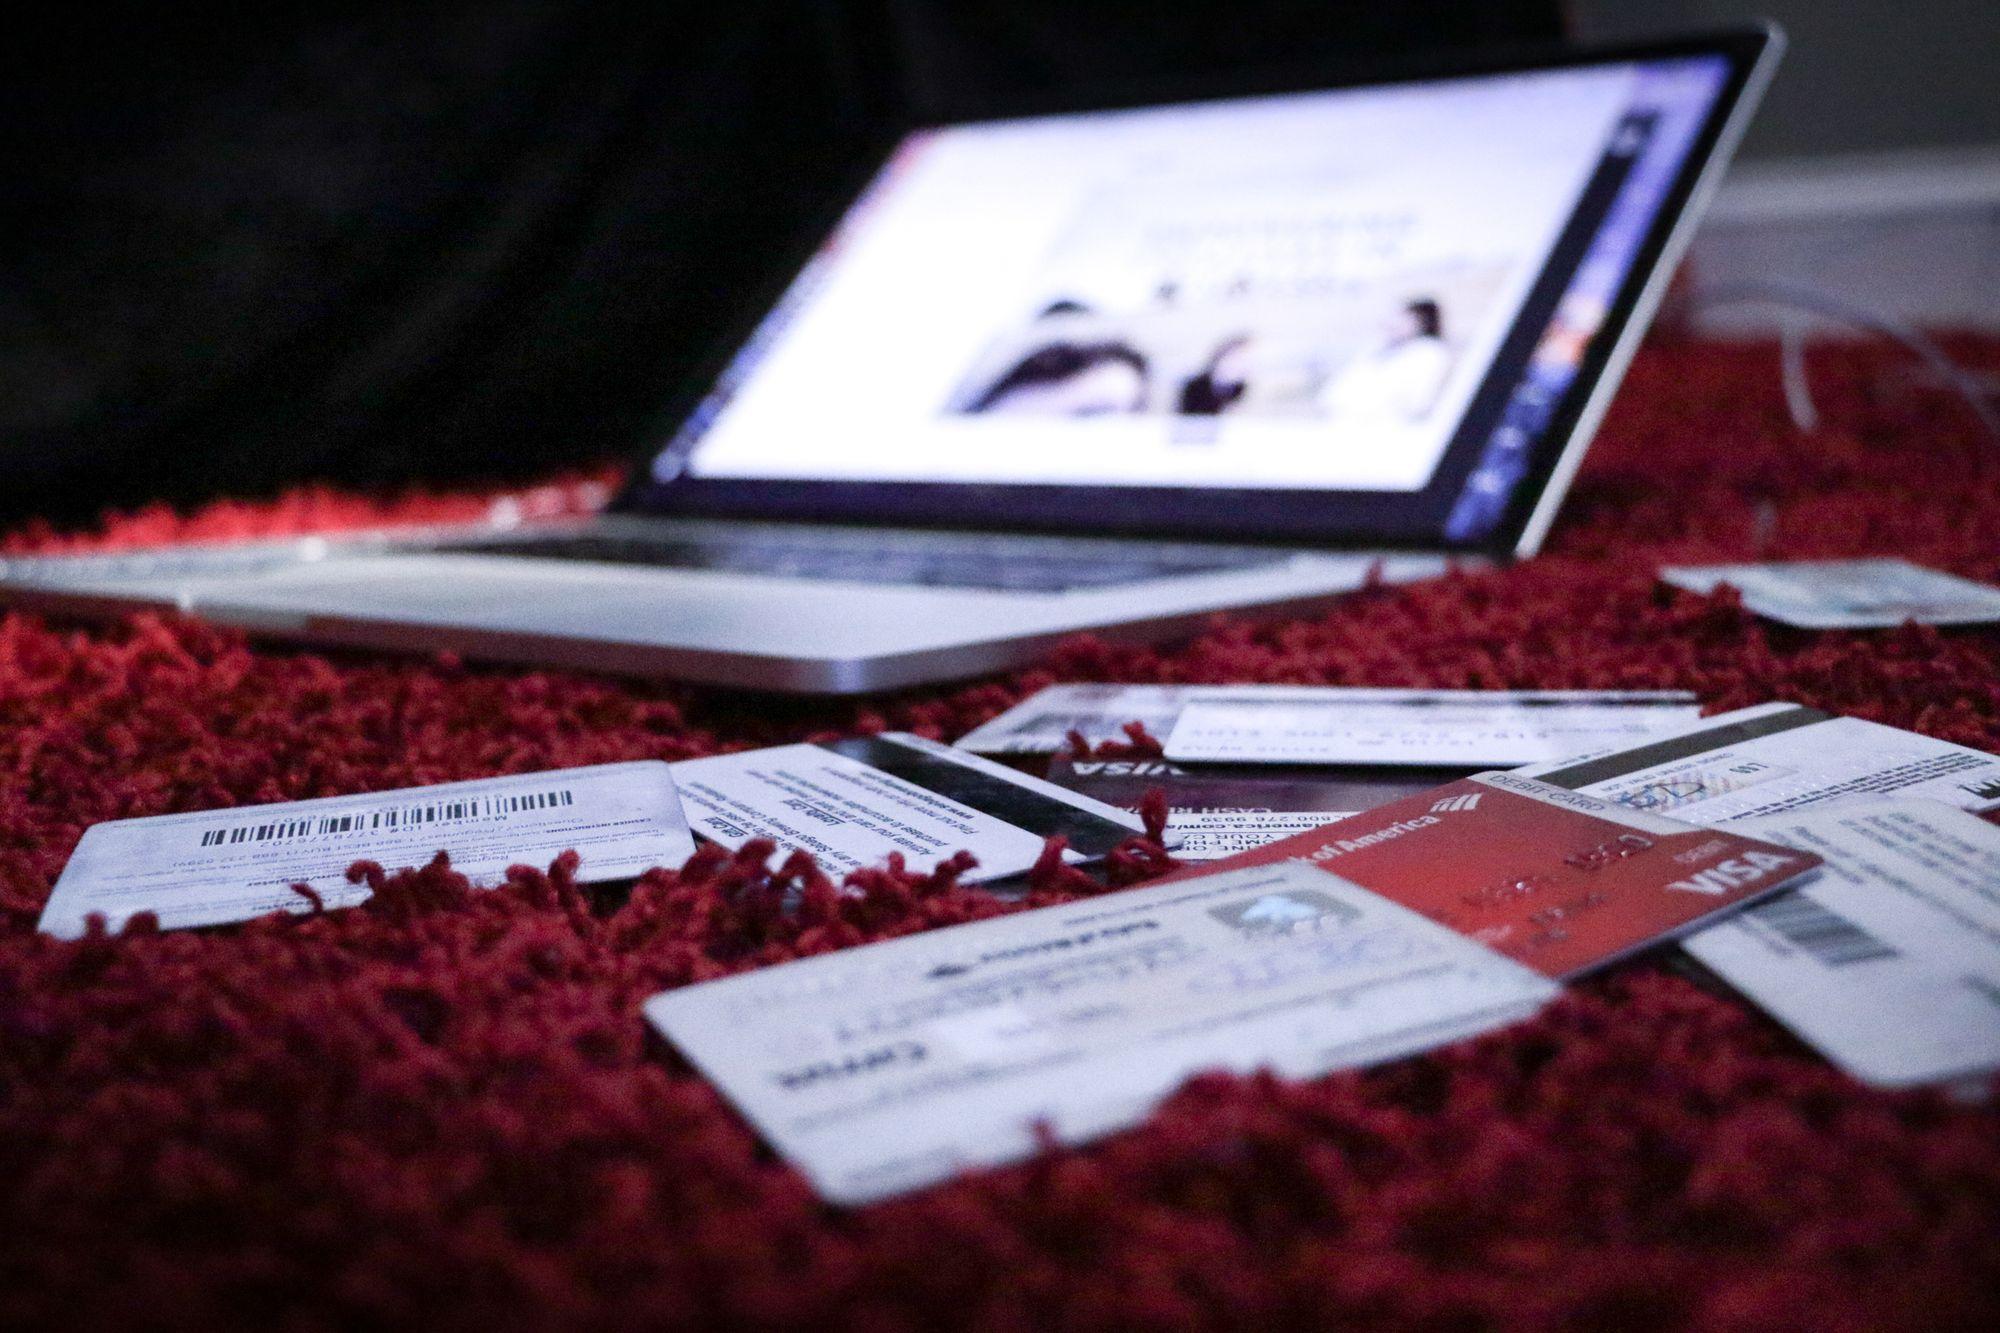 ordinateur portable posé sur un tapis et entouré de plusieurs carte de crédit et de fidélité - blog.troov.com